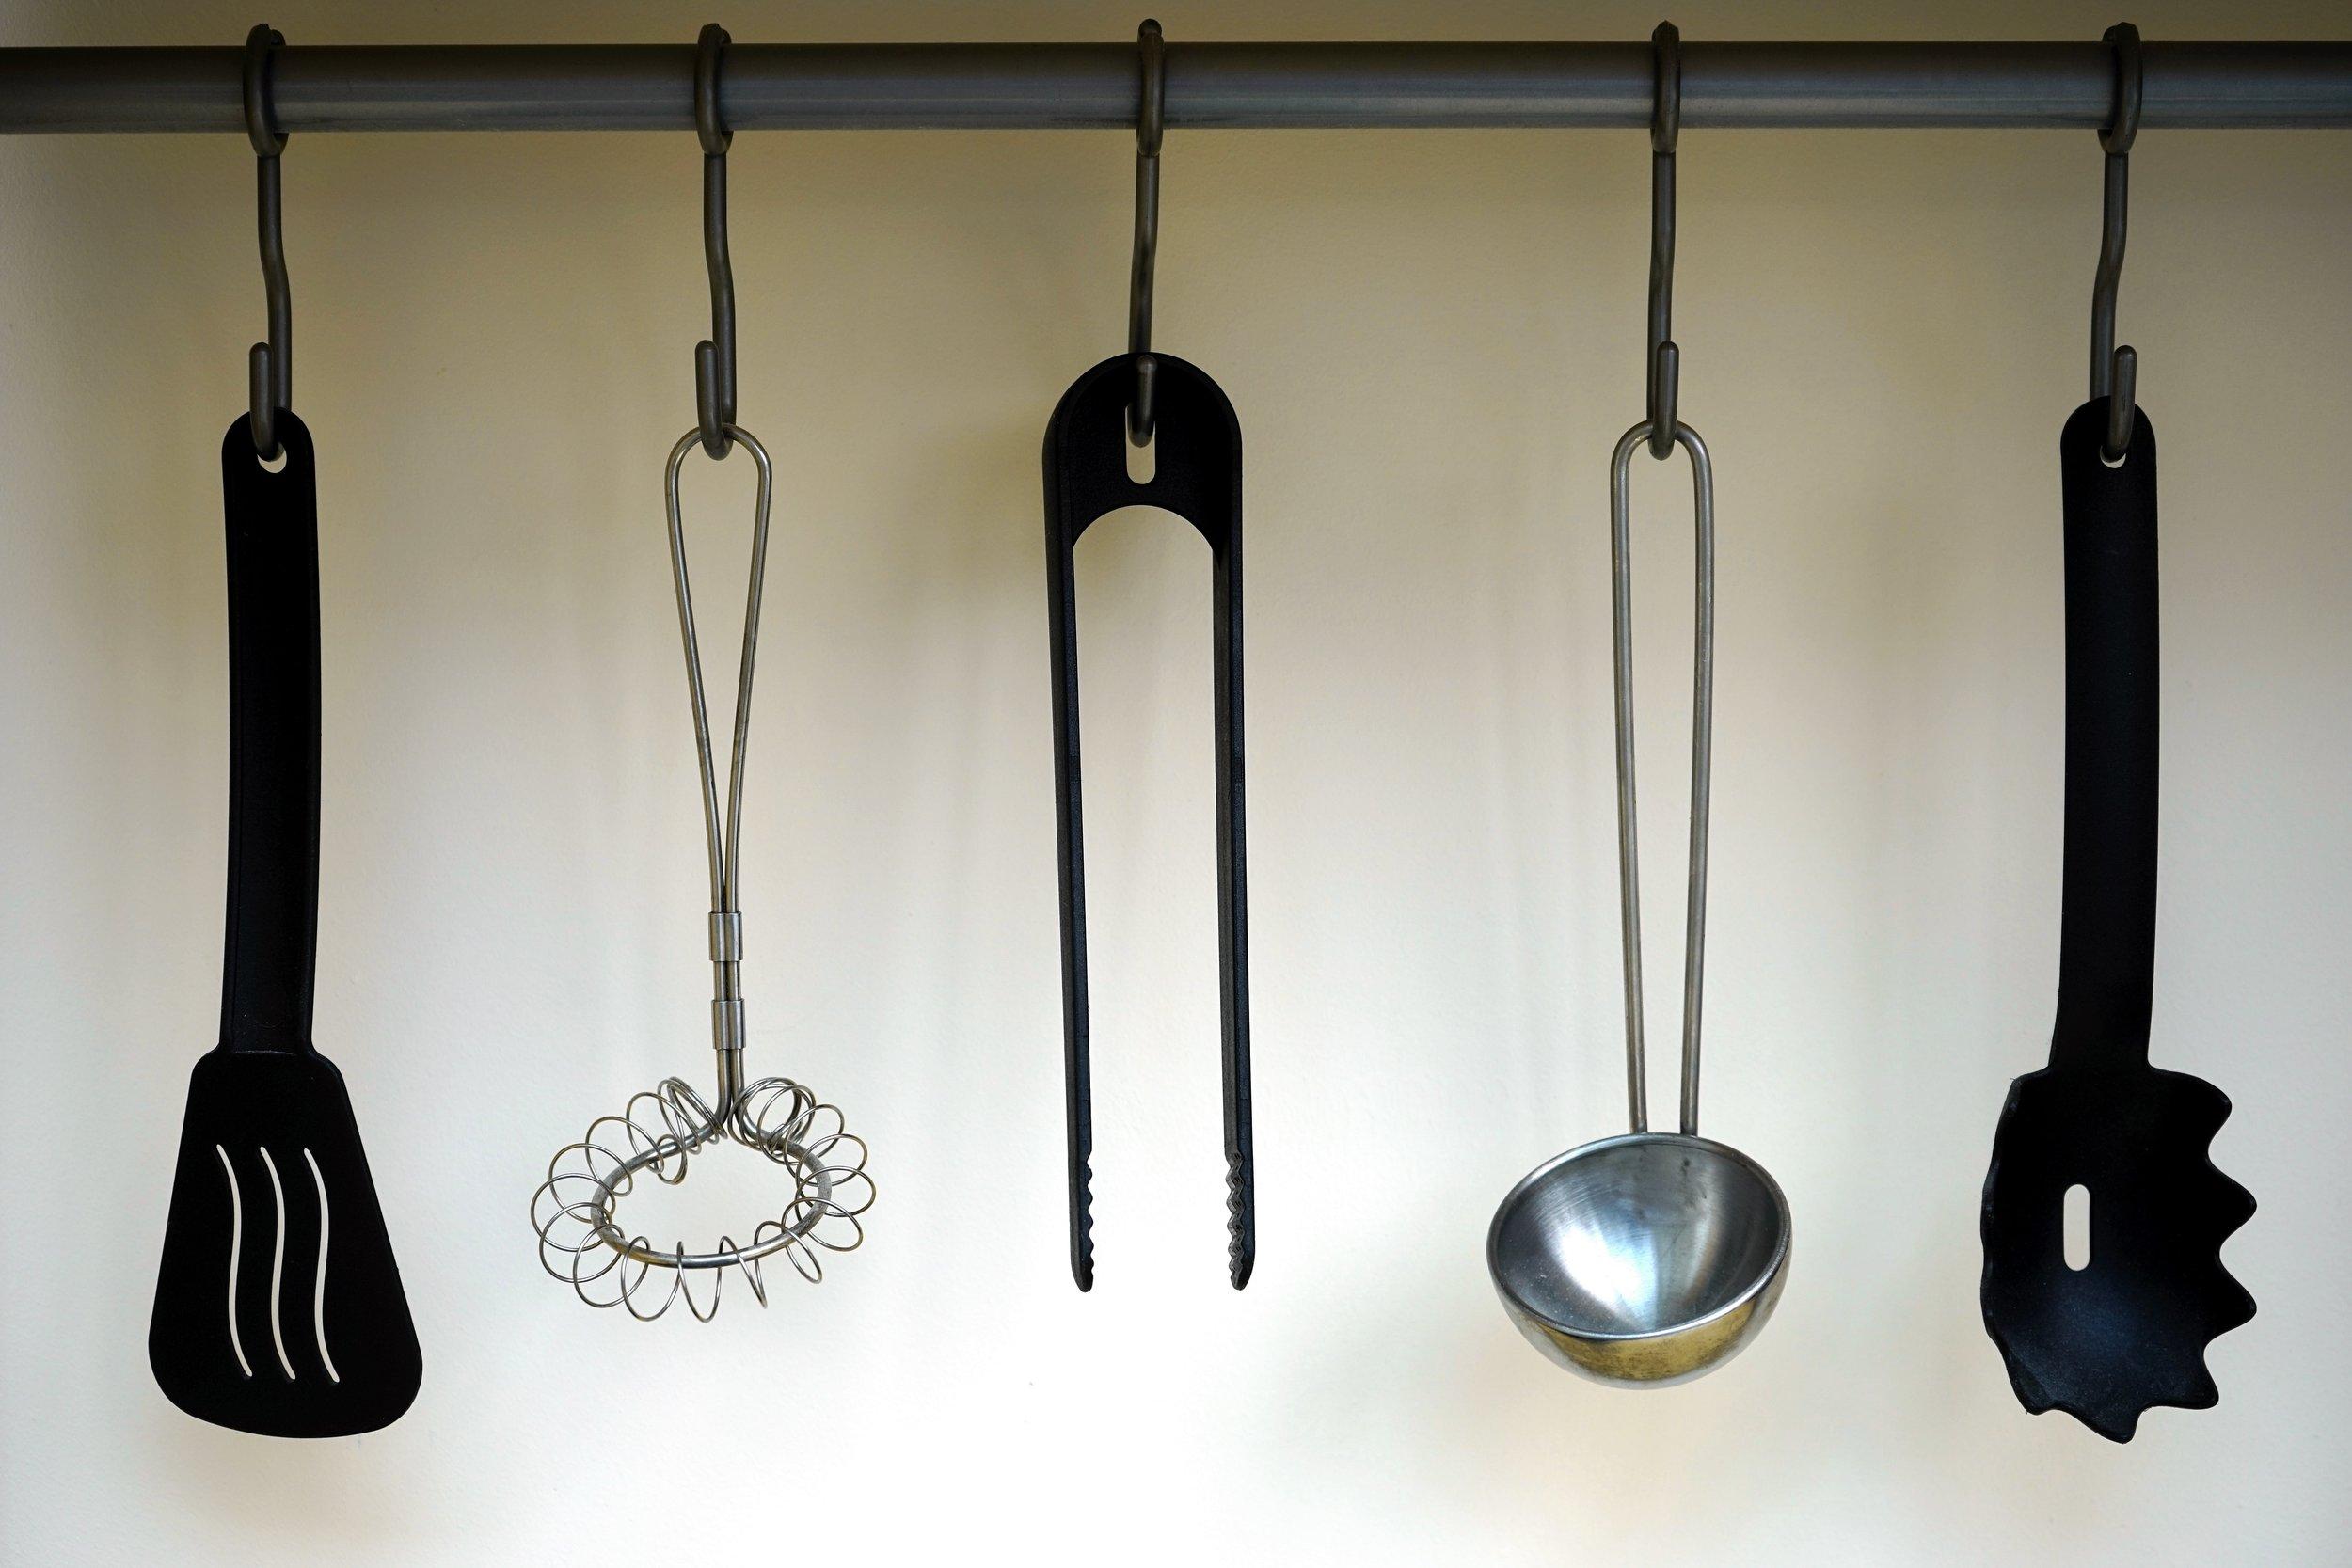 hanging-kitchen-kitchen-utensils-211760.jpg